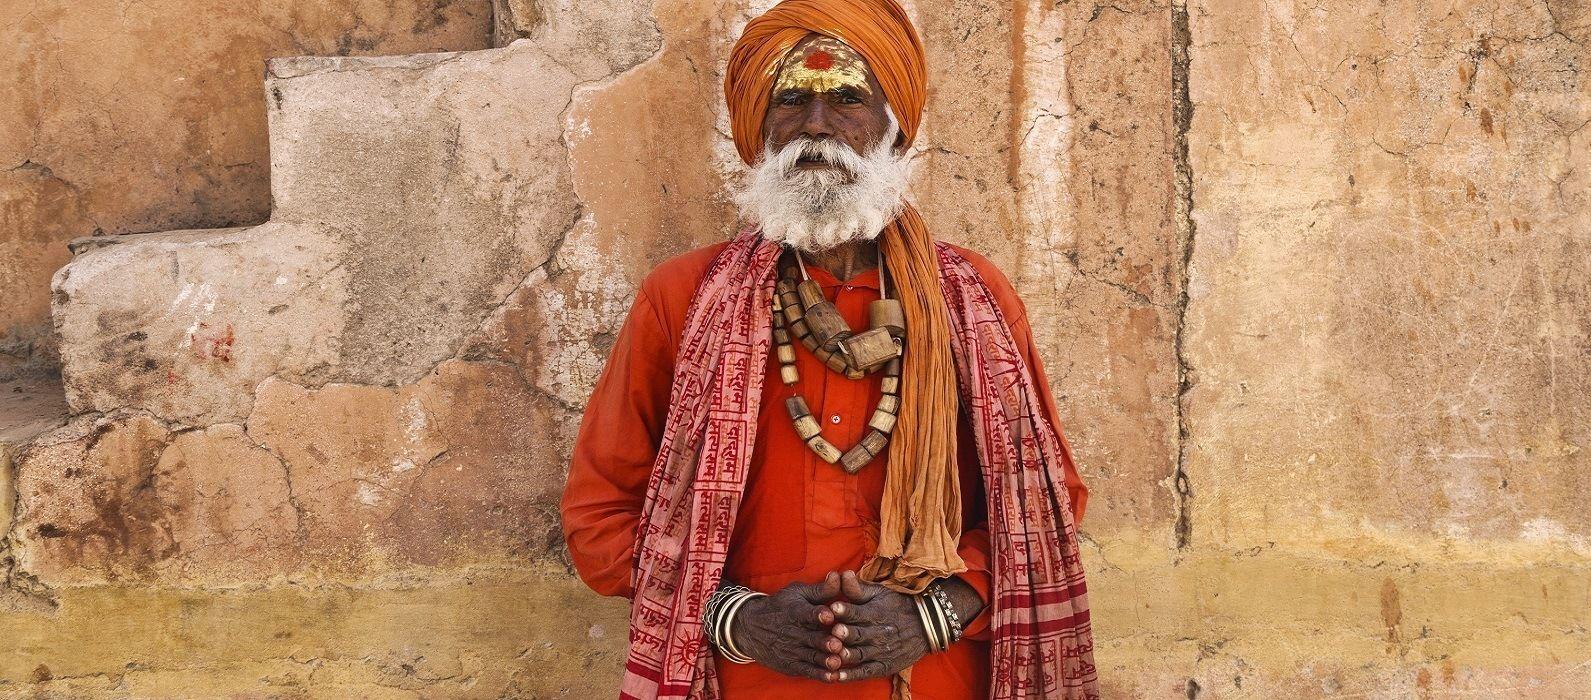 Nordindienreise für Einsteiger: Goldenes Dreieck Urlaub 4